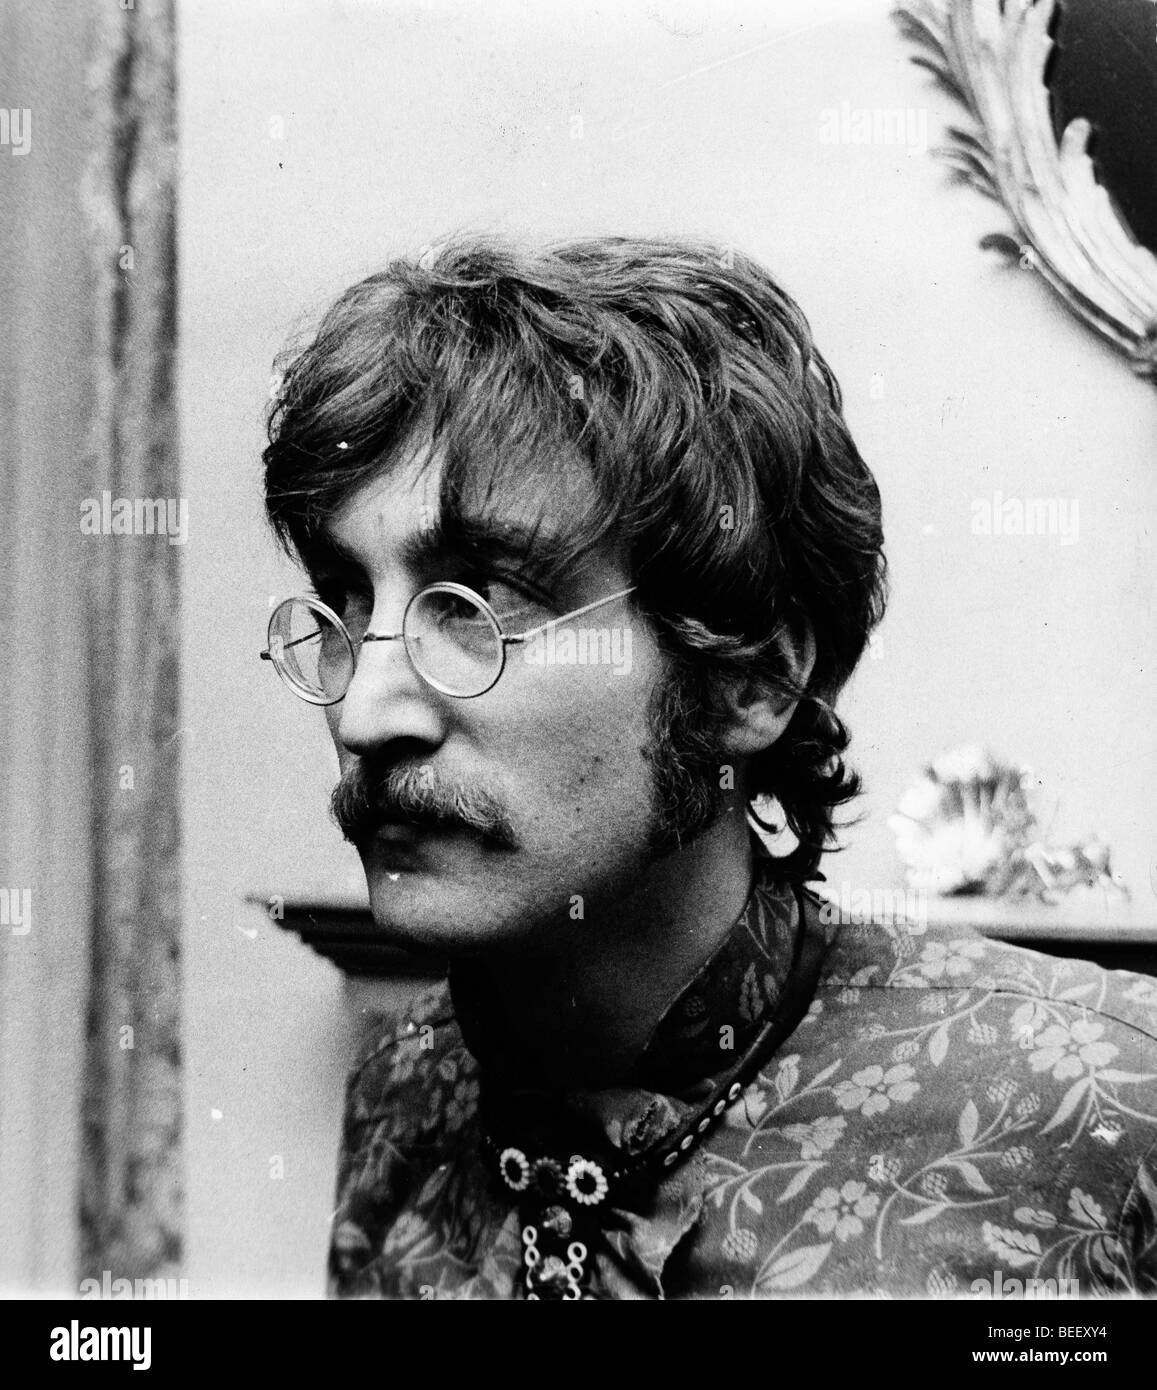 The Beatles singer John Lennon has been banned from B.B.C. Stock Photo